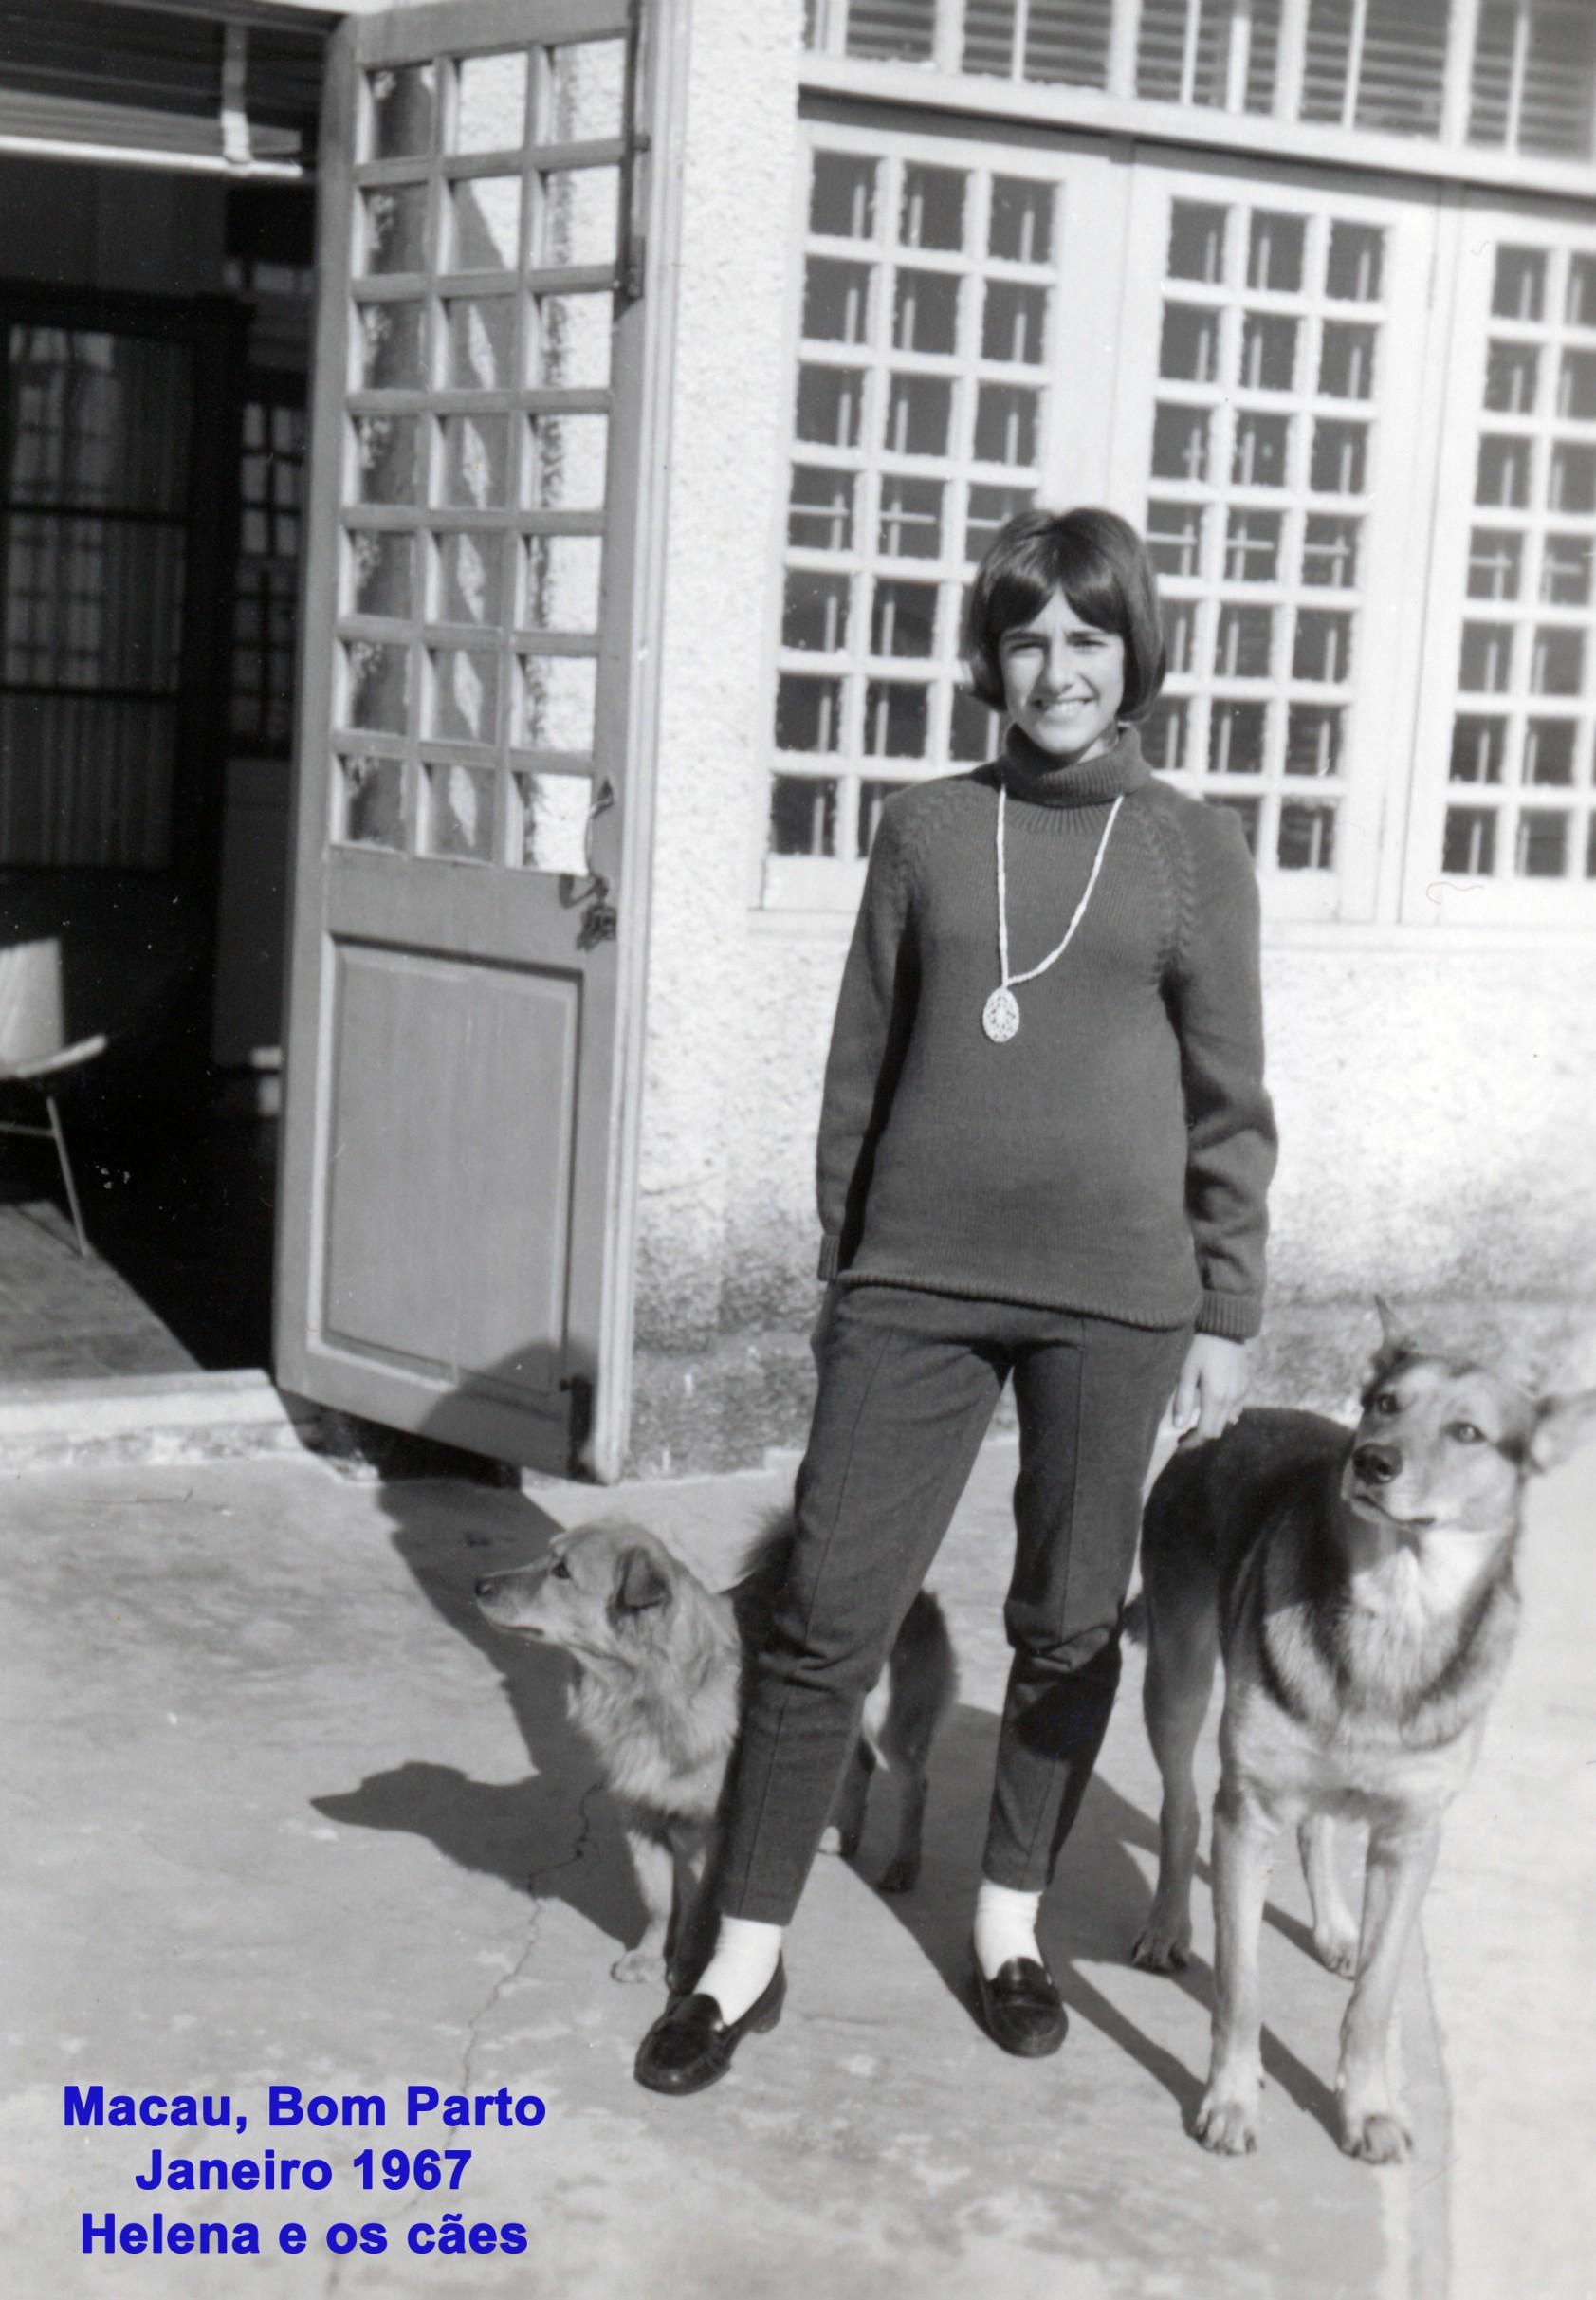 001 67-01 Helena e os cães no Bom Parto